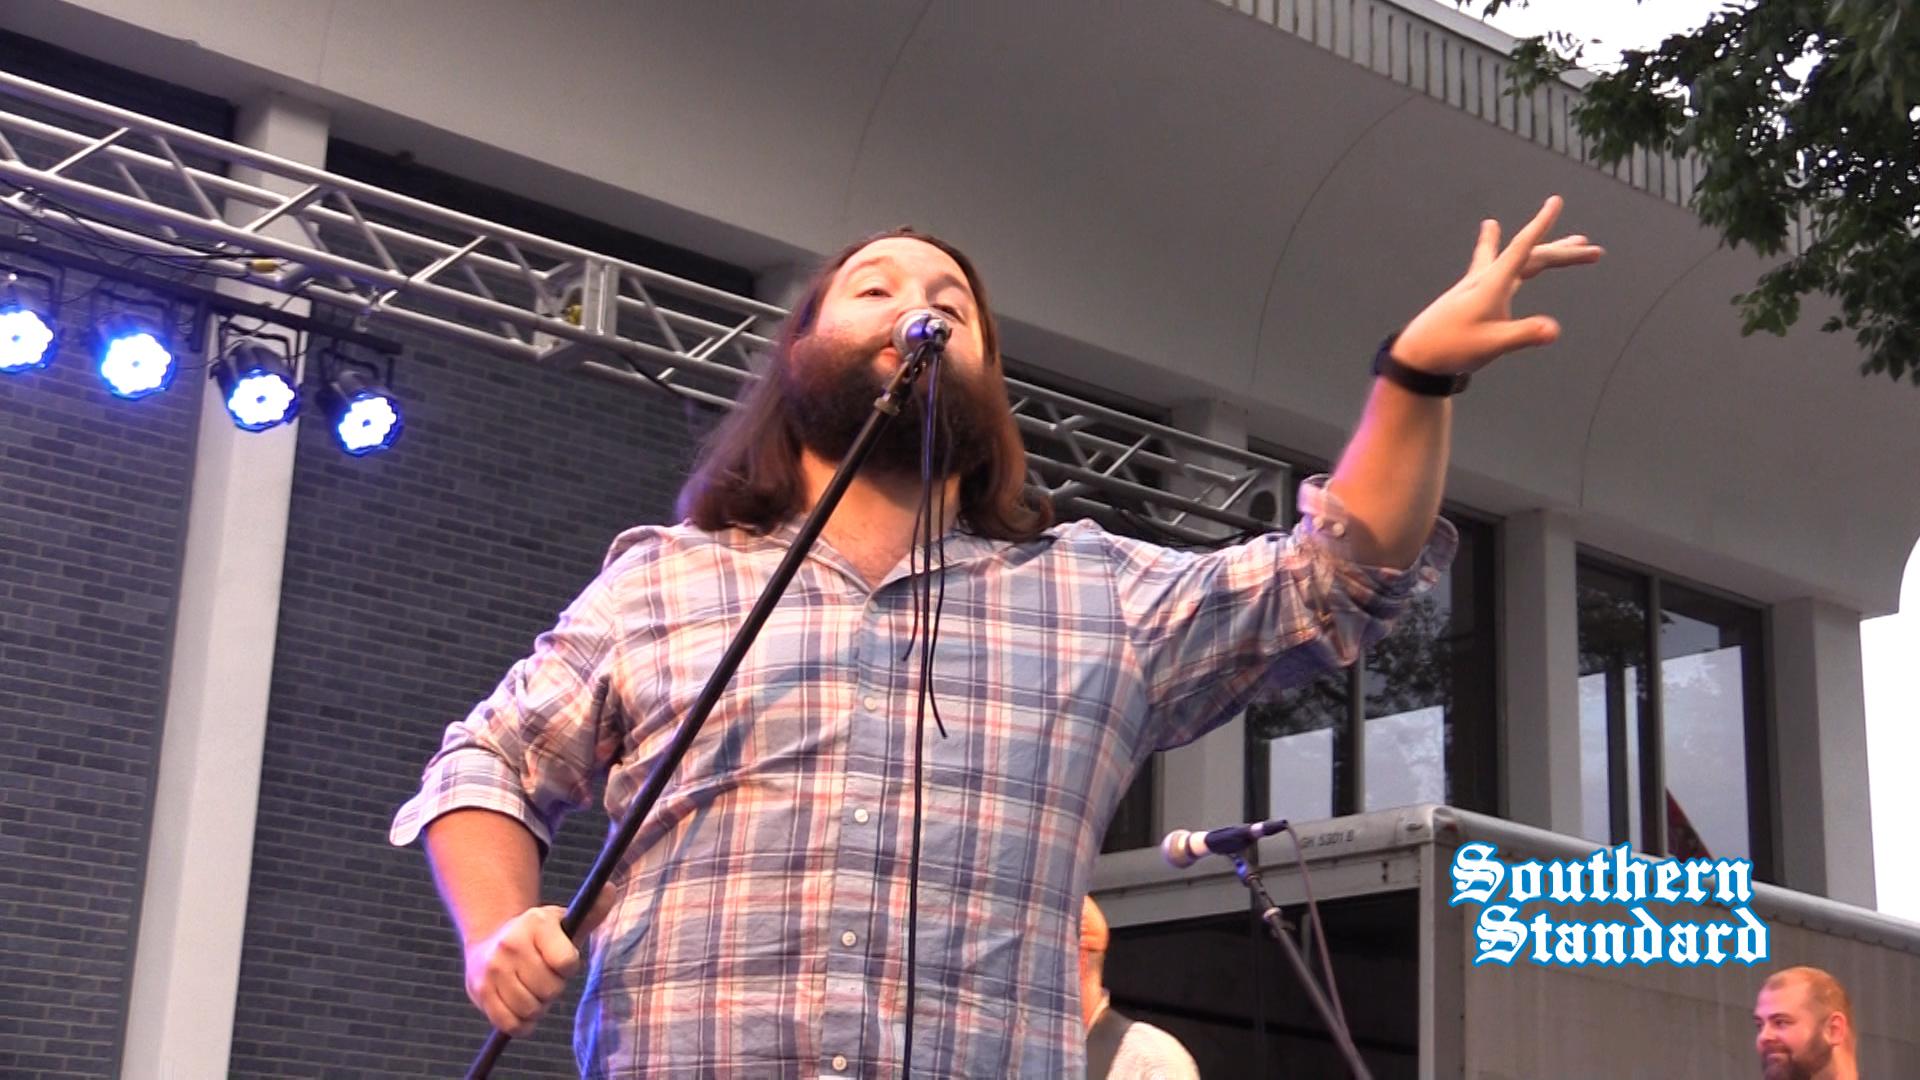 Joe Harvey concludes Main Street Live